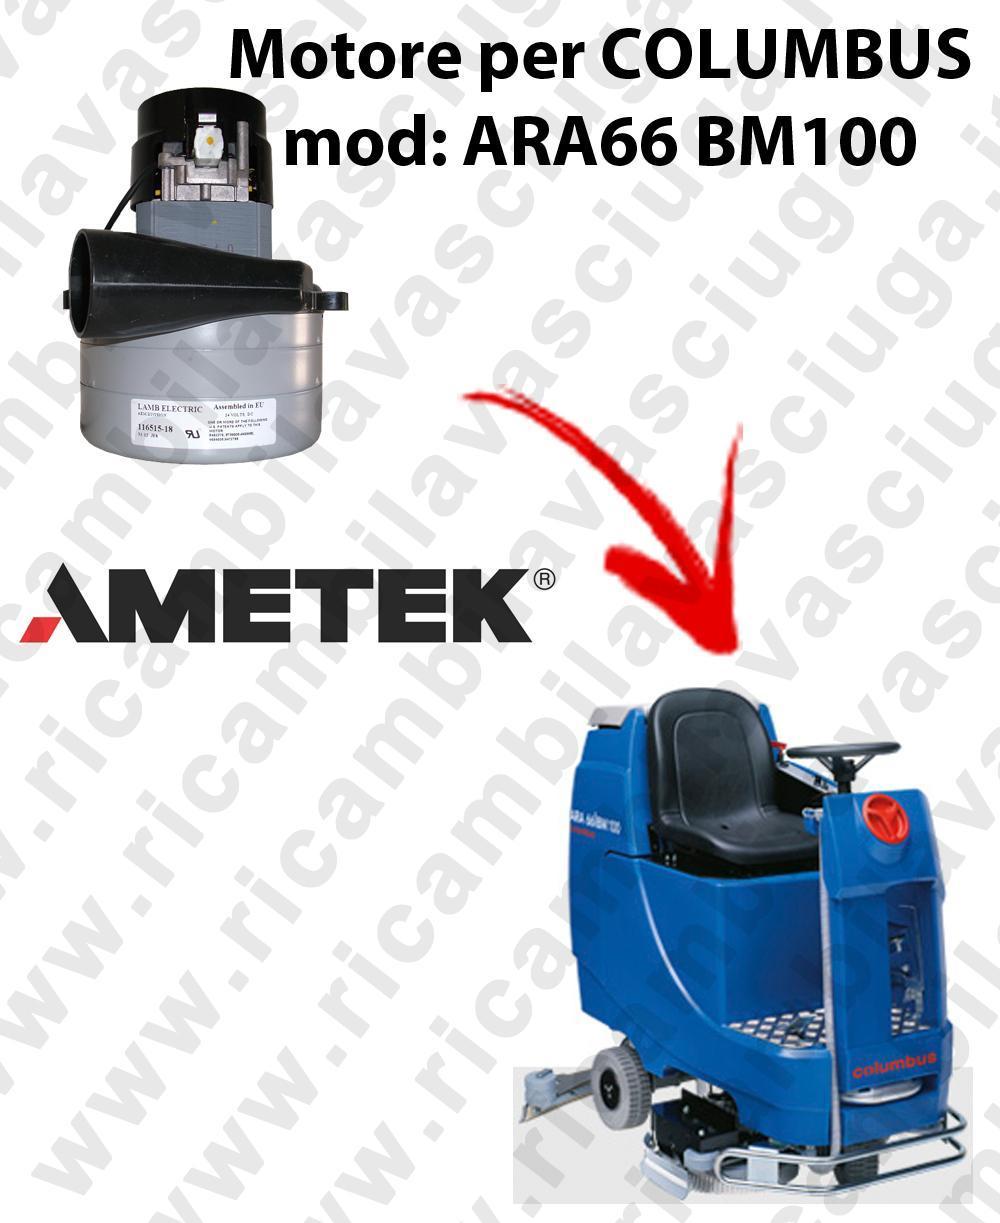 ARA66 BM100 MOTEUR ASPIRATION LAMB AMETEK pour autolaveuses COLUMBUS